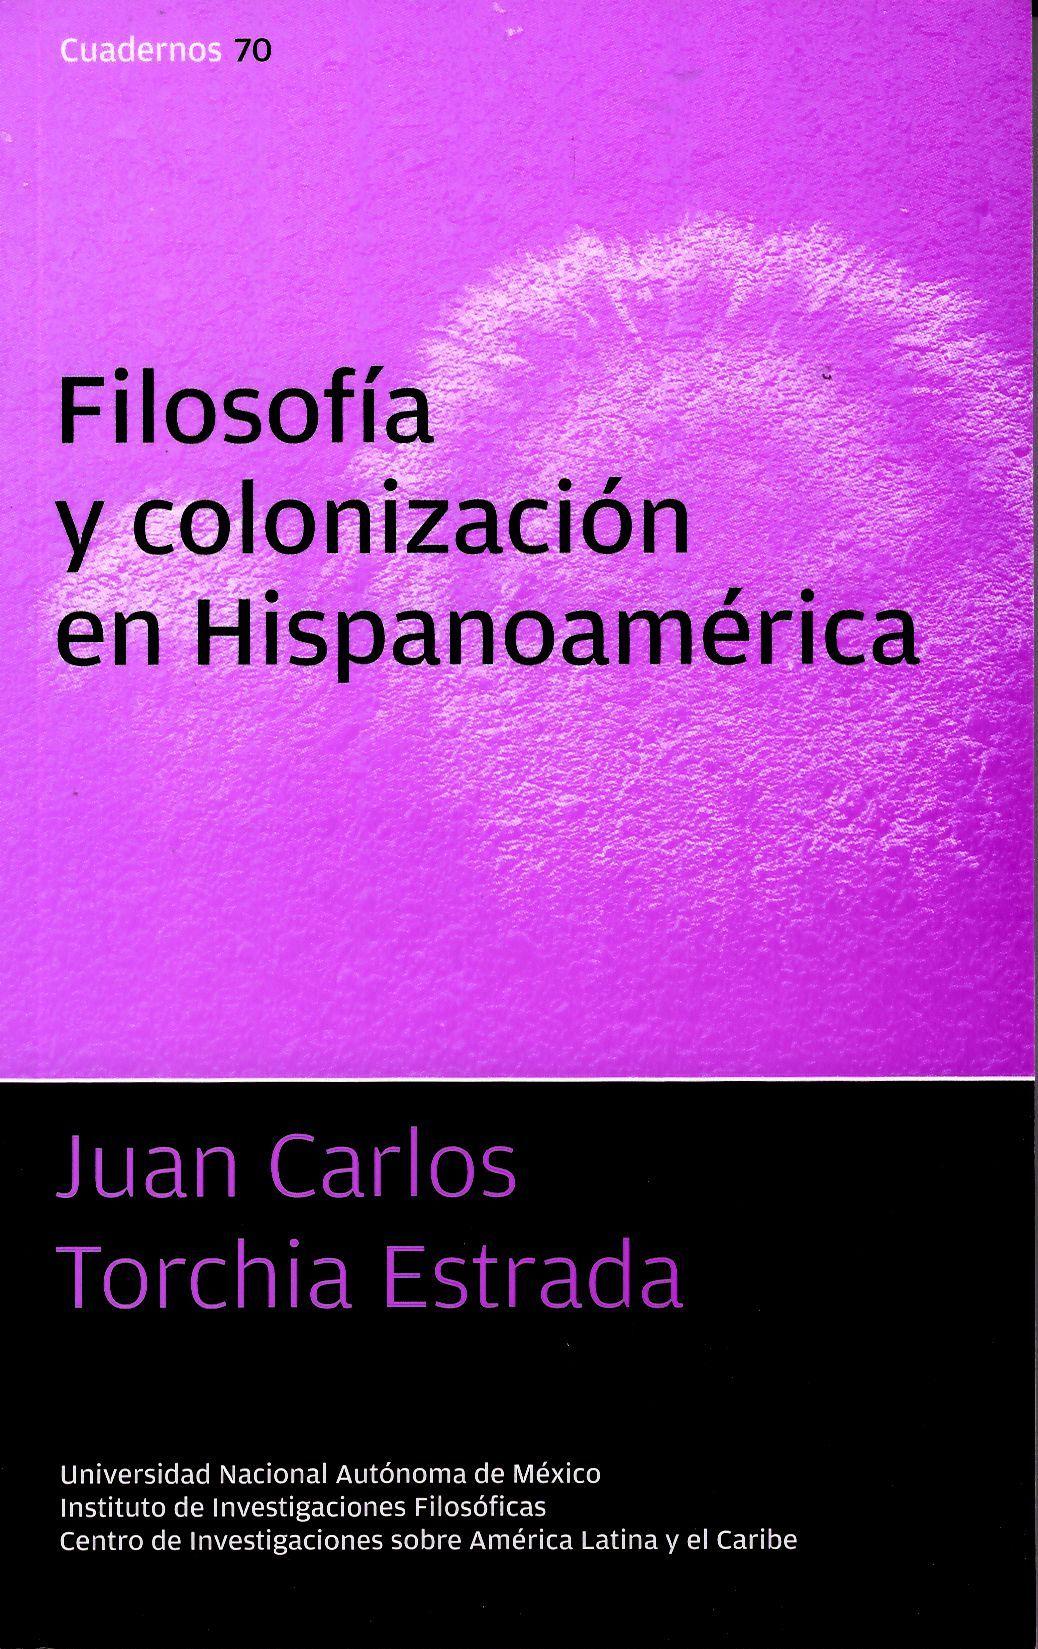 Filosofía y colonización en Hispanoamérica